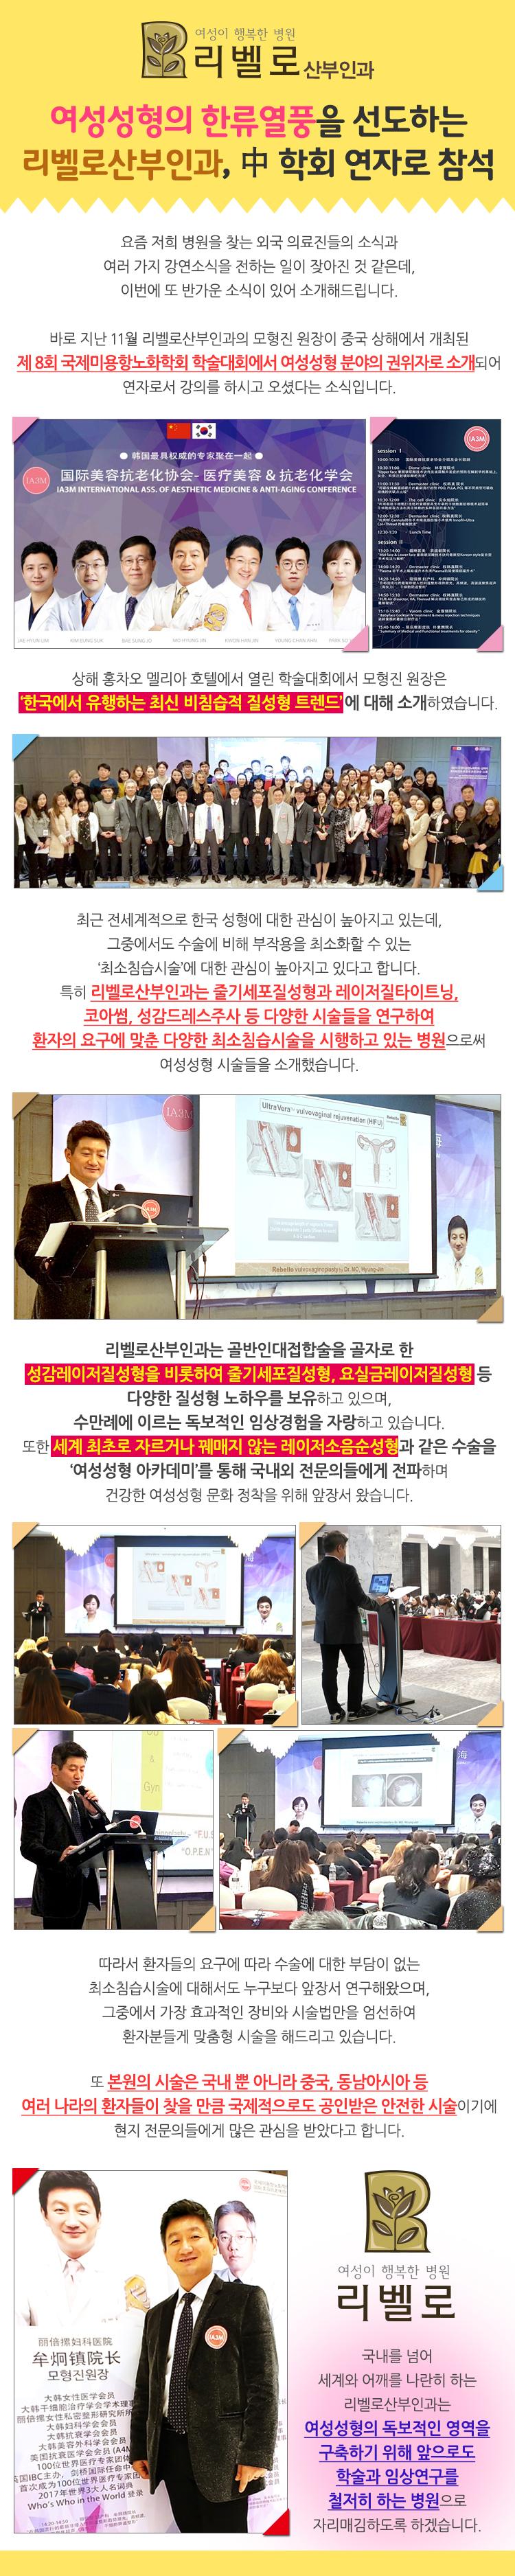 중국 상해 강연 후기.jpg